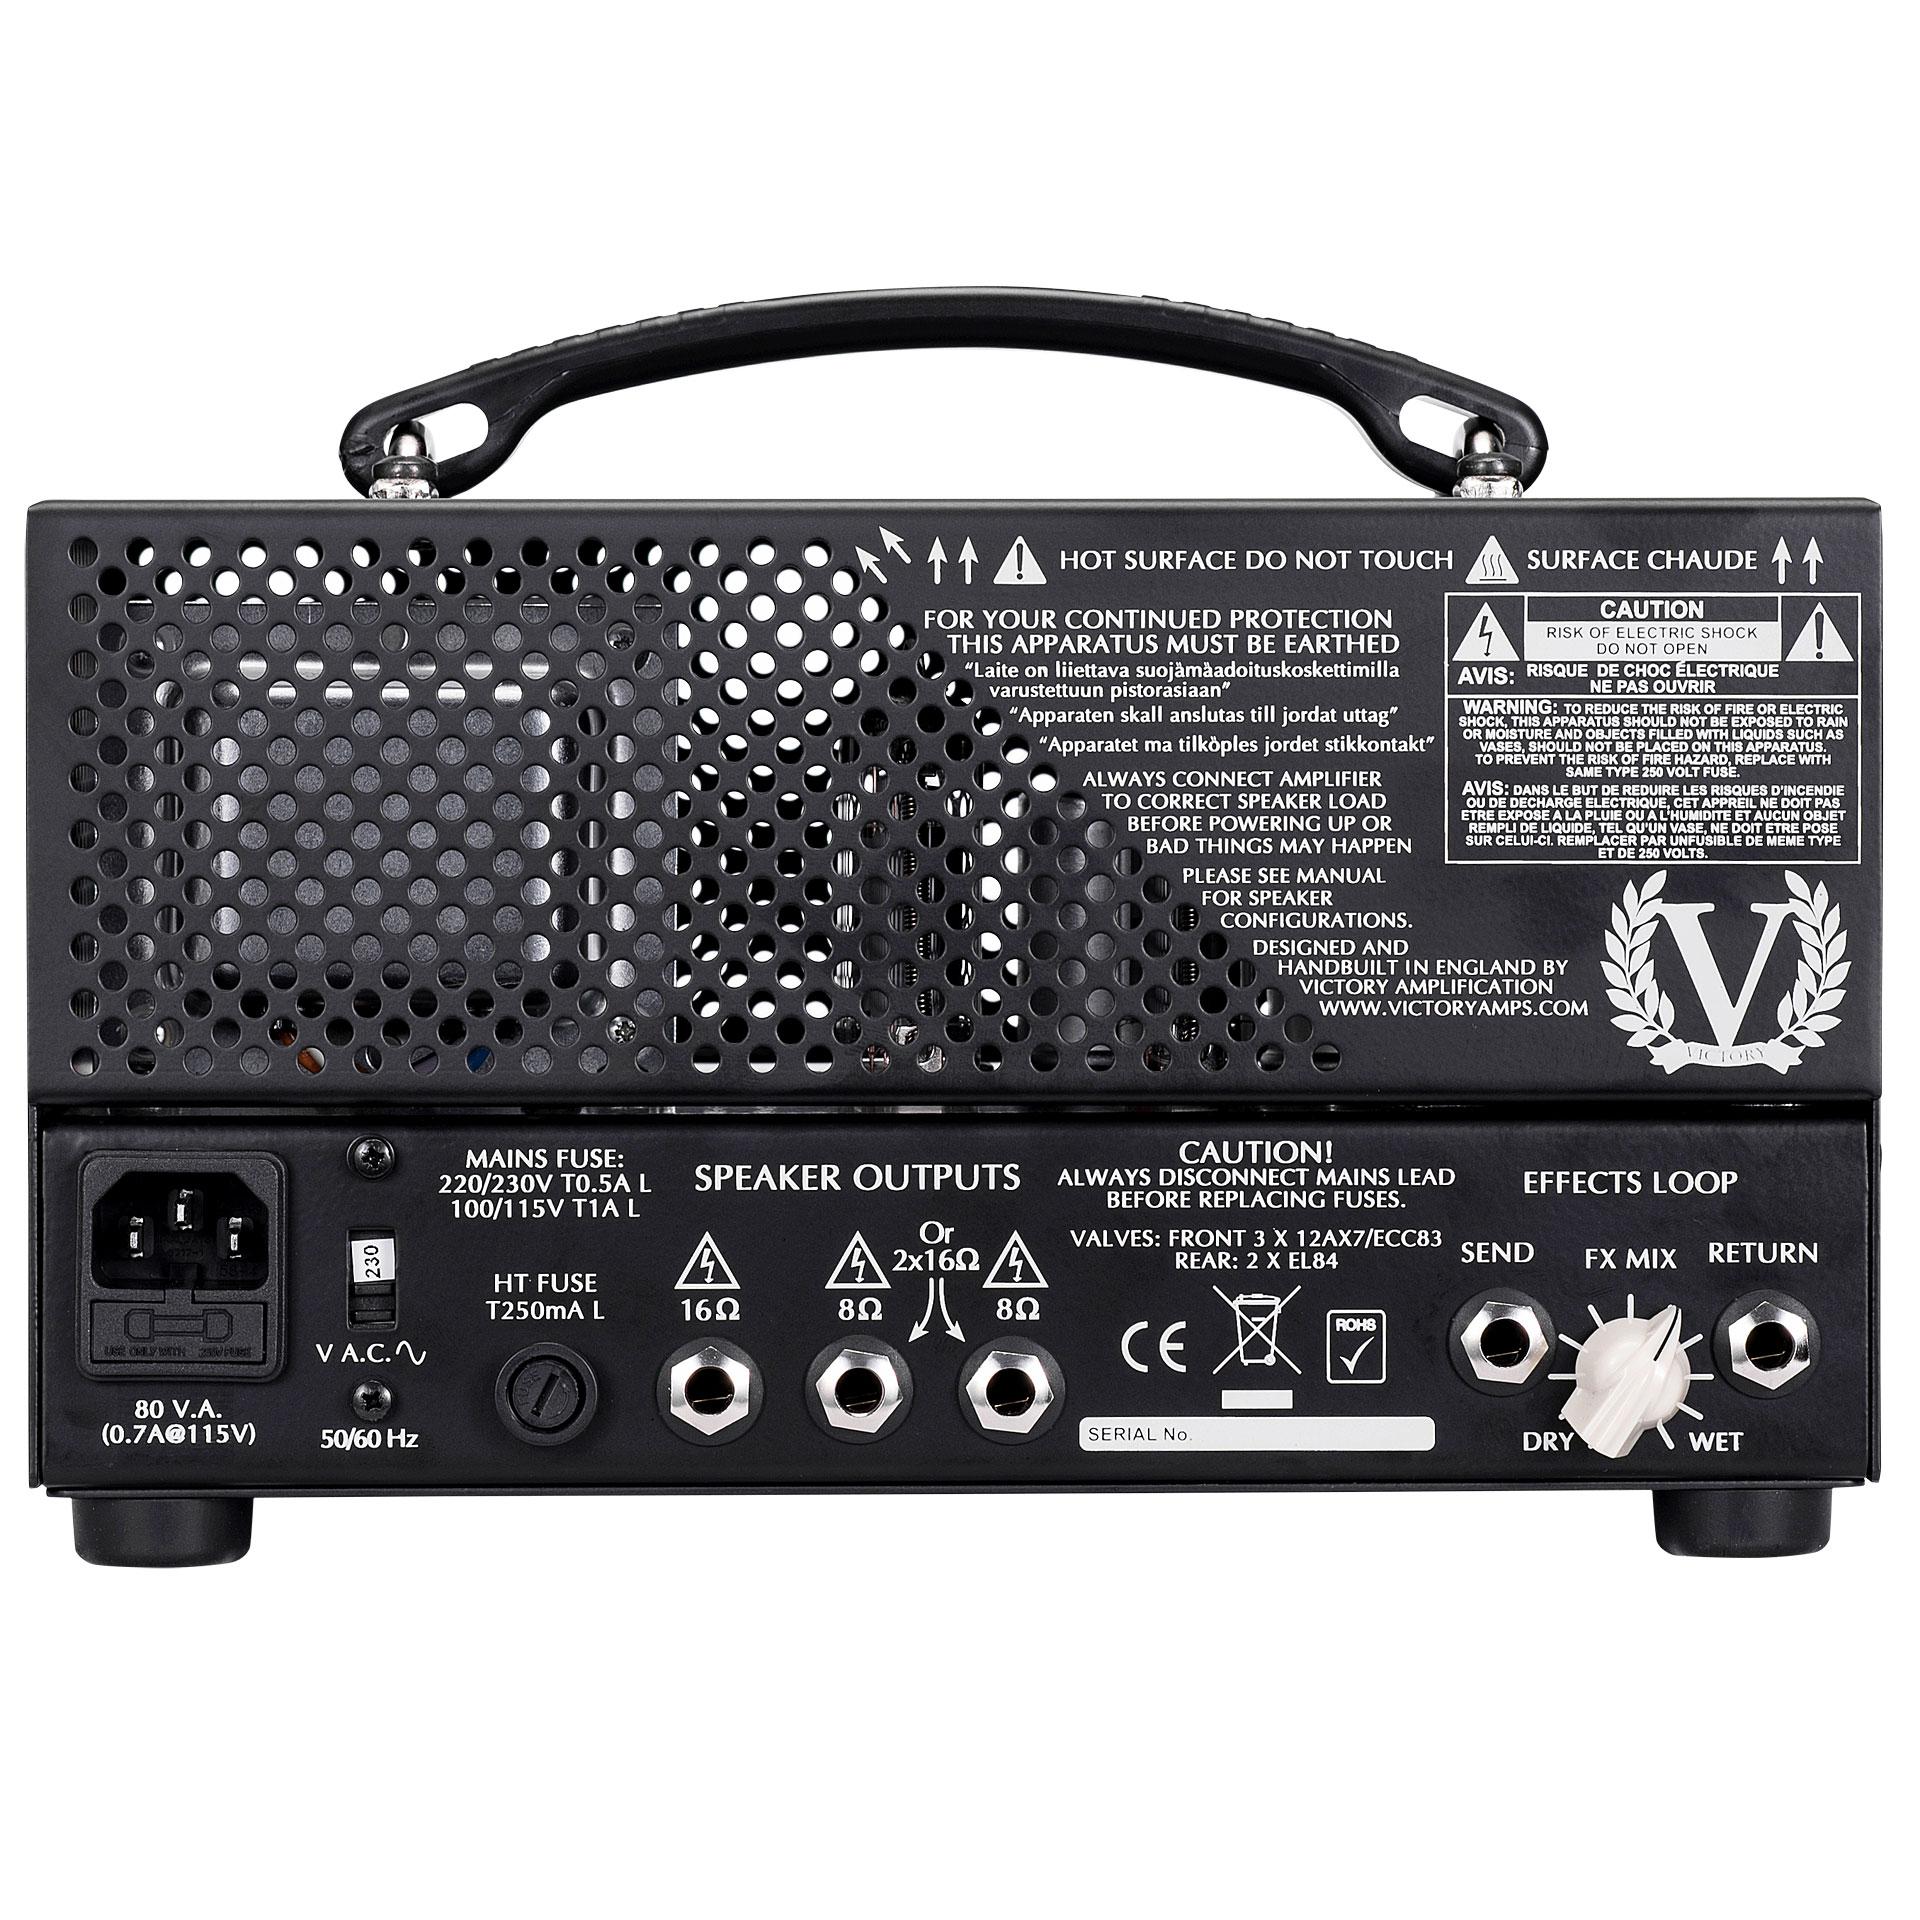 Victory Bd1 Guitar Amp Head : victory bd1 guitar amp head musik produktiv ~ Hamham.info Haus und Dekorationen